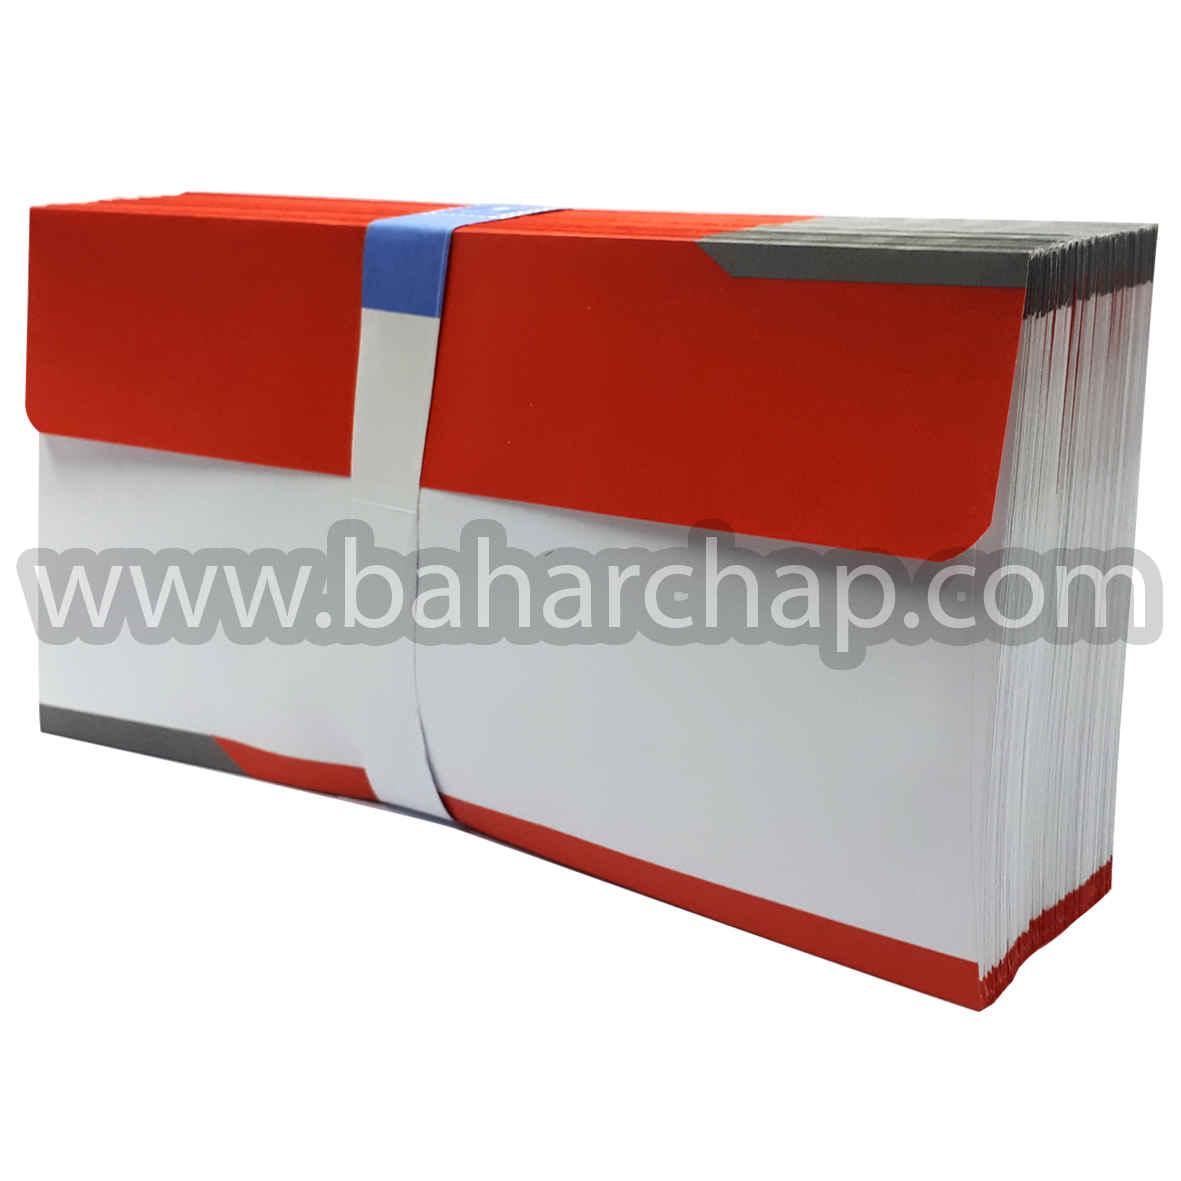 فروشگاه و خدمات اینترنتی بهارچاپ اصفهان-پاکت ملخی دورنگ طوسی قرمز -